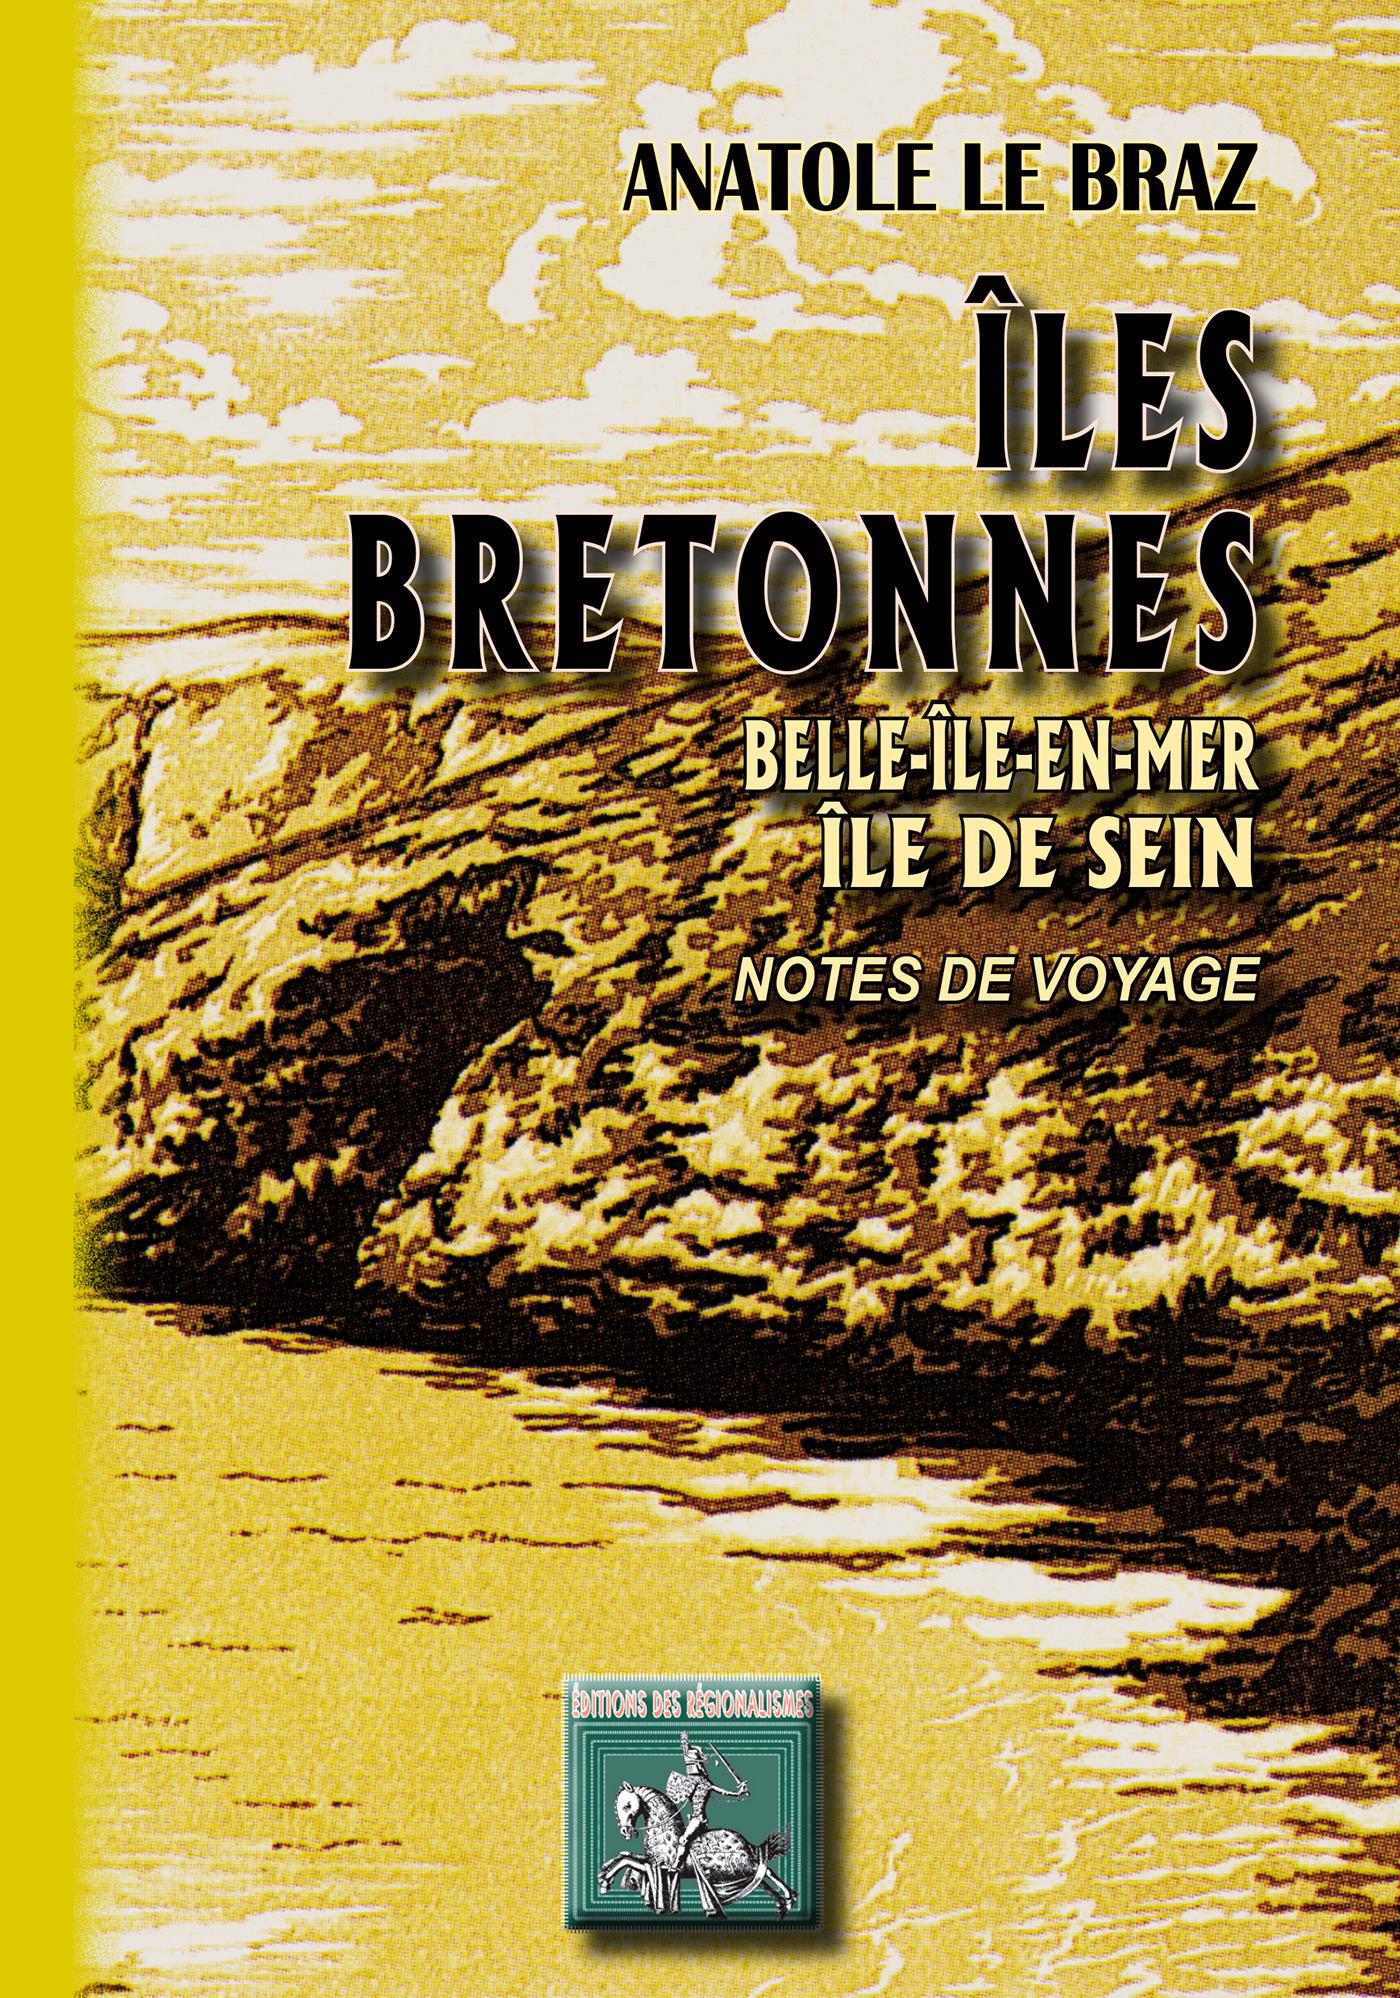 îles bretonnes : Belle-Ile-en-Mer, île de Sein ; notes de voyage